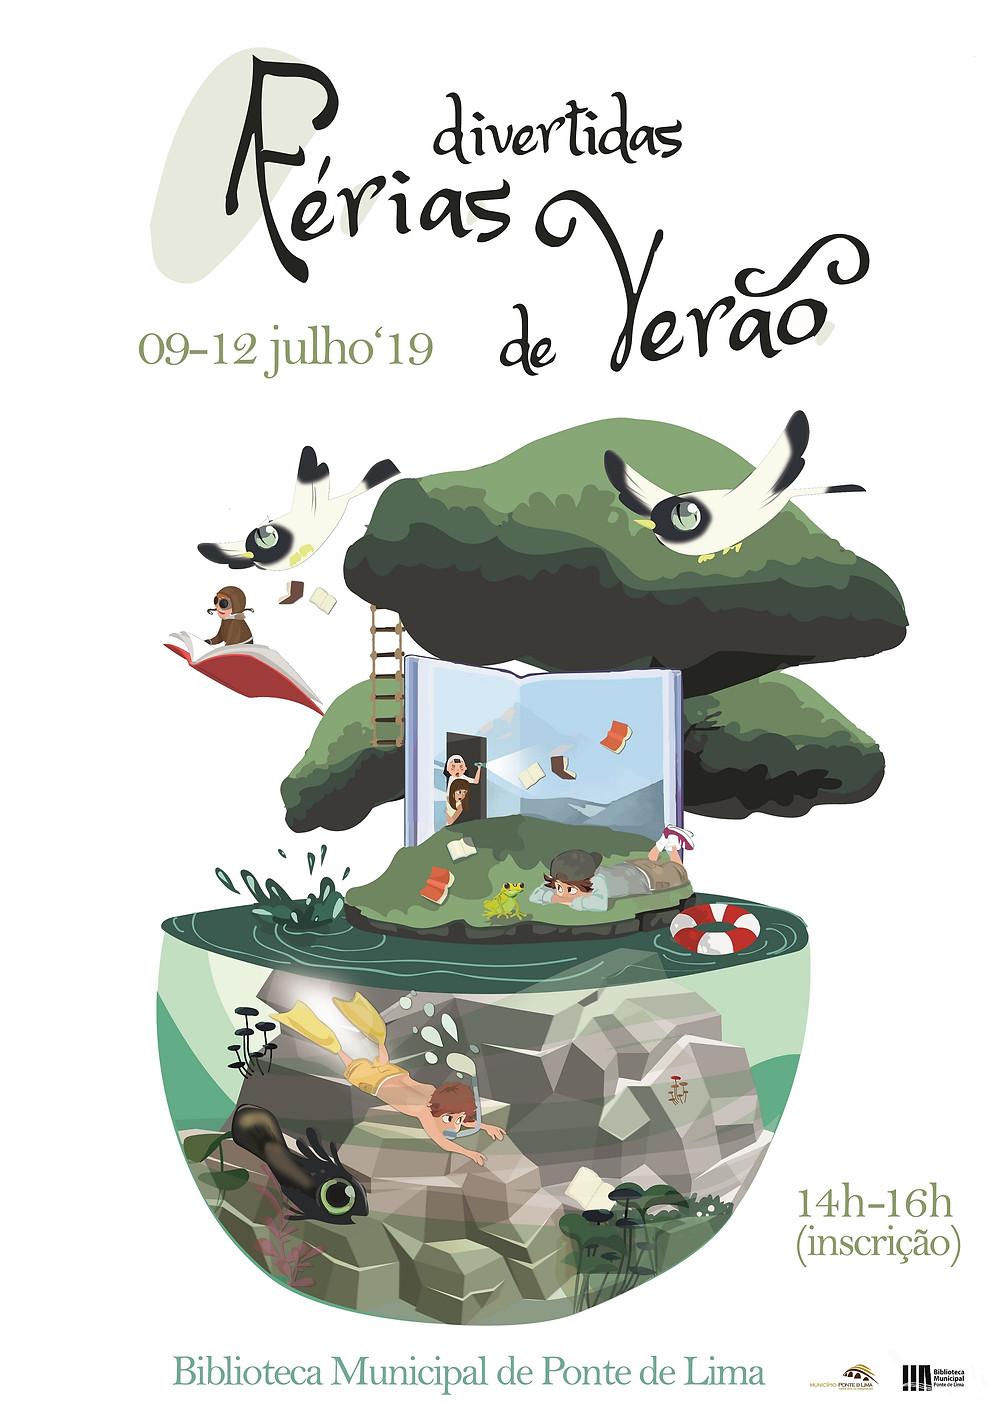 Férias Divertidas de Verão, Ponte de Lima, Peneda Gerês TV